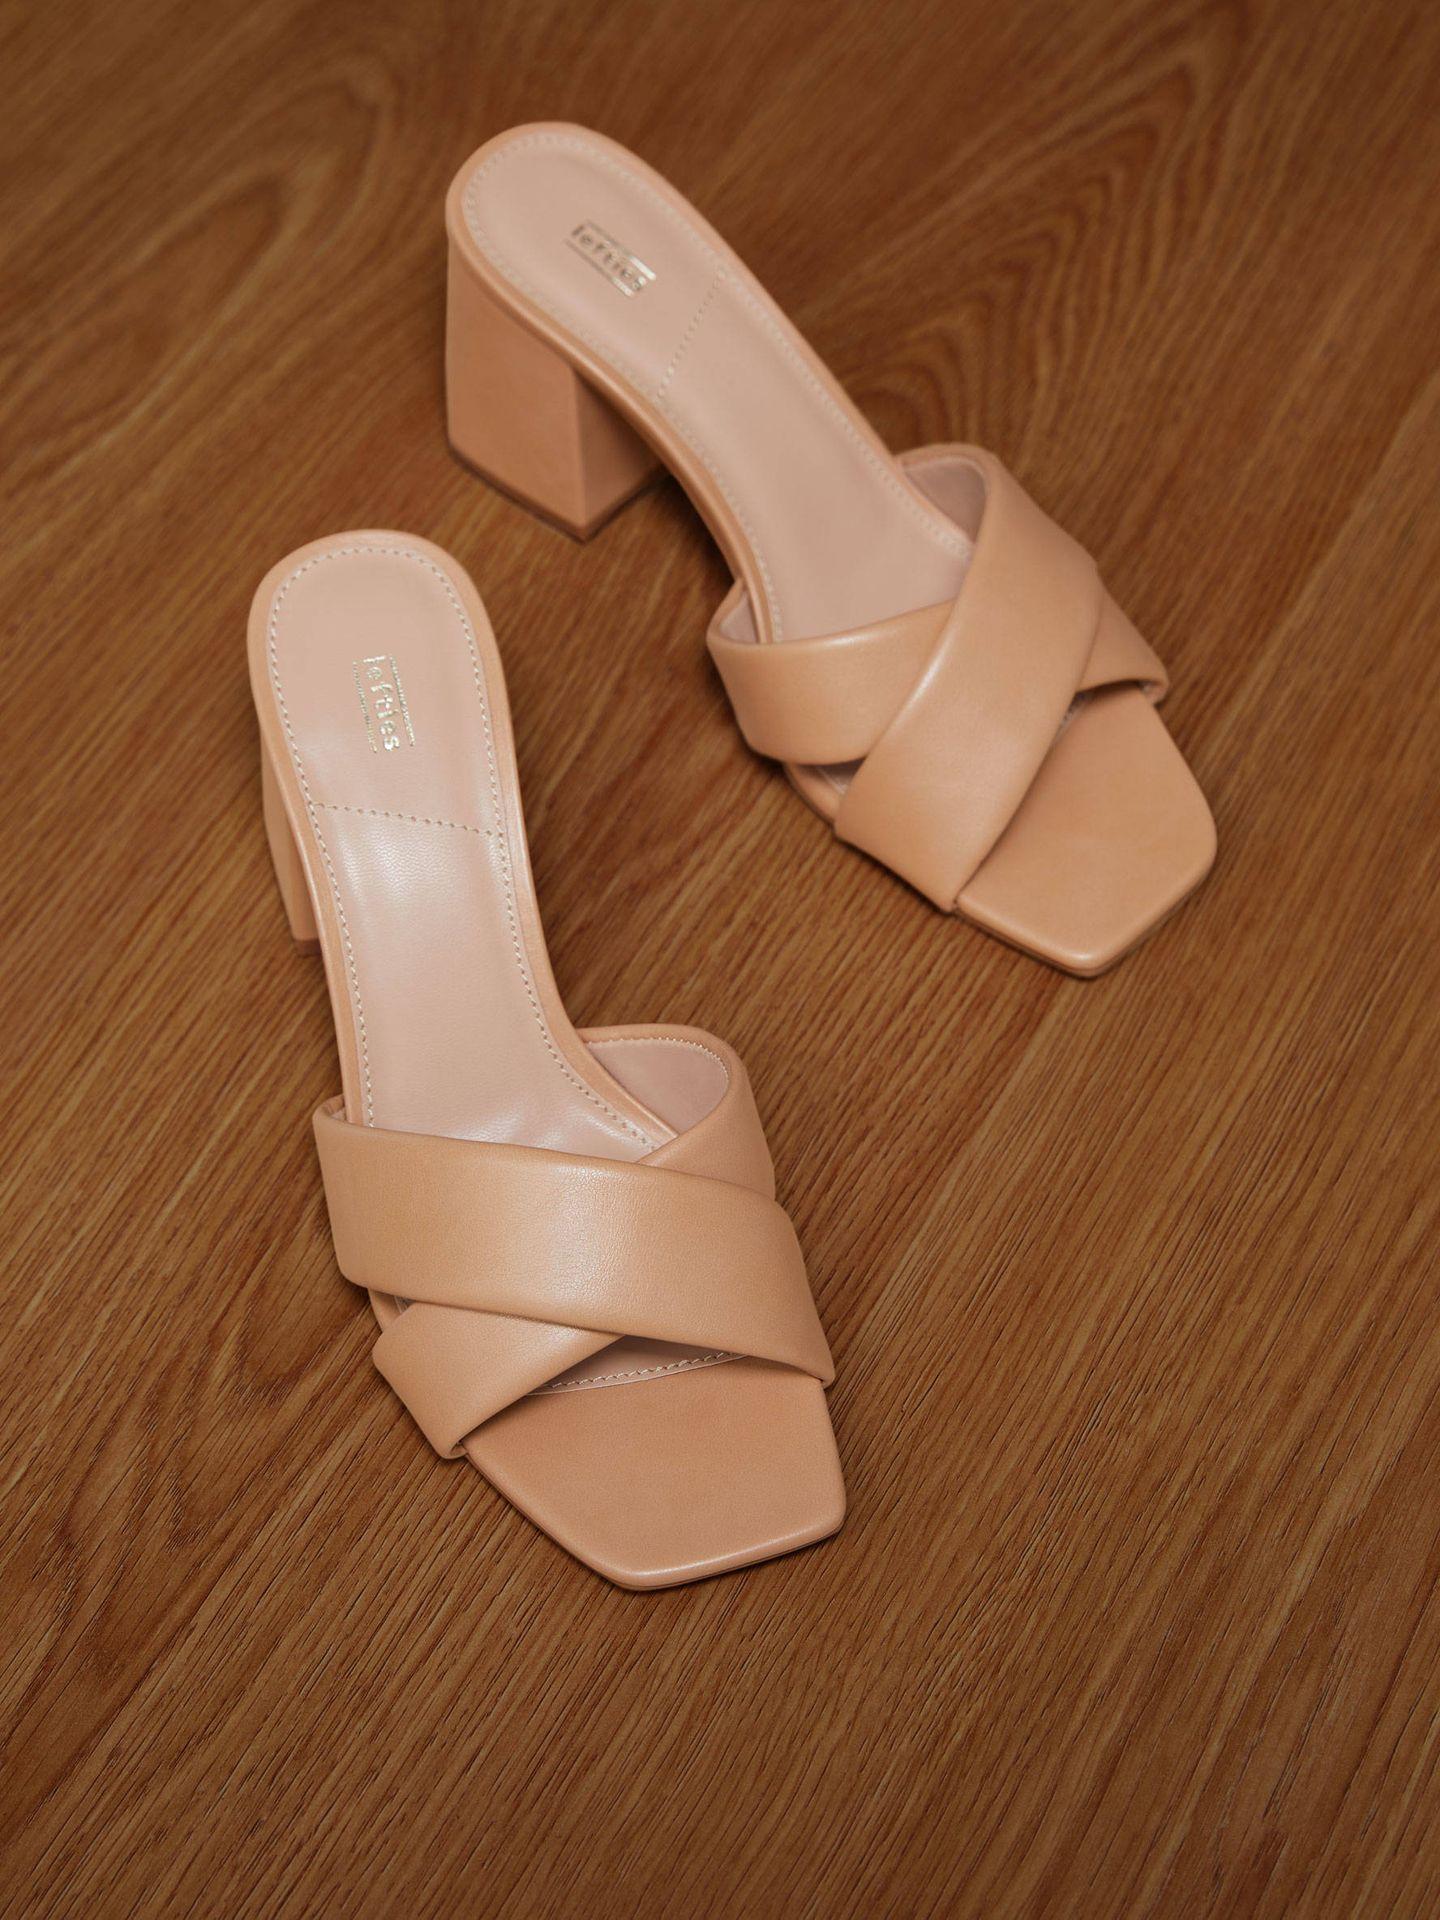 Las sandalias de pala cruzada de Lefties. (Cortesía)